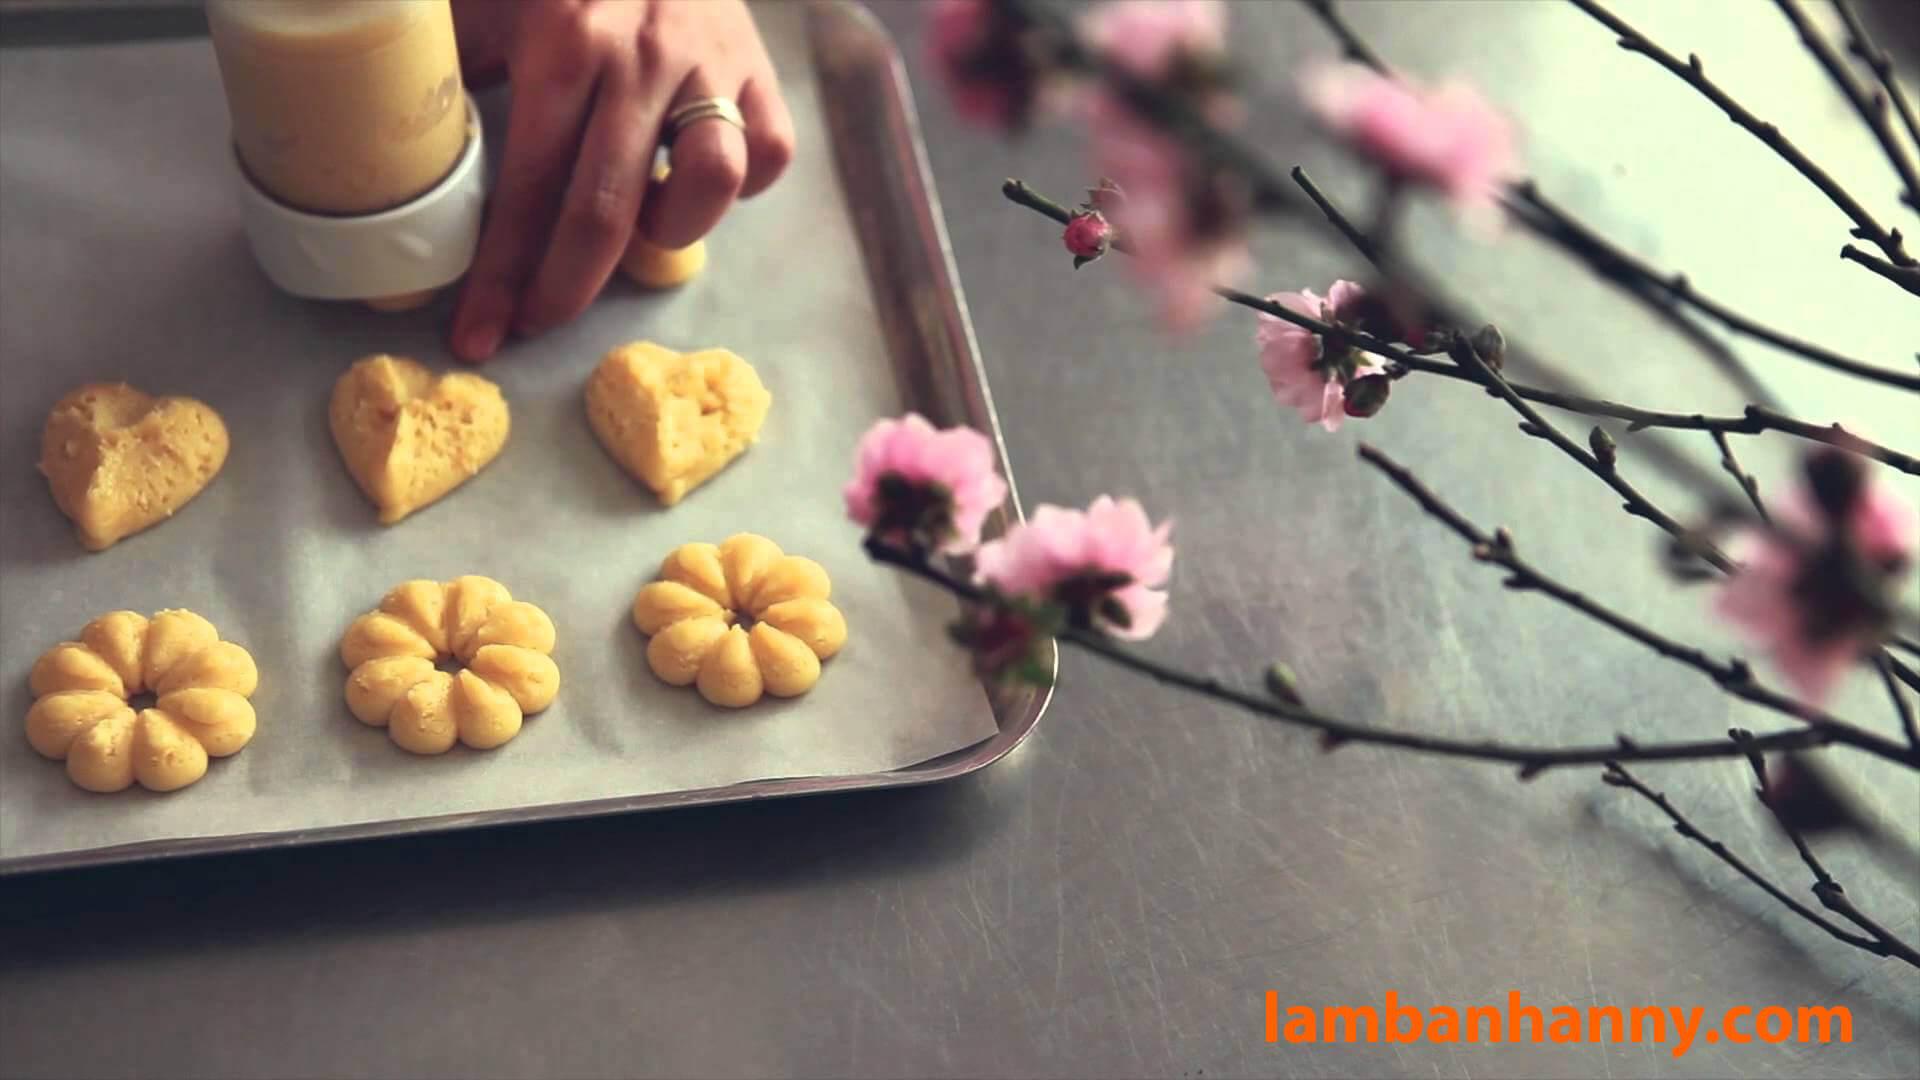 Cách làm Bánh quy bơ thơm ngon chuẩn vị Danisa, sử dụng Bộ dụng cụ Cookie Press – với 2 công thức đơn giản